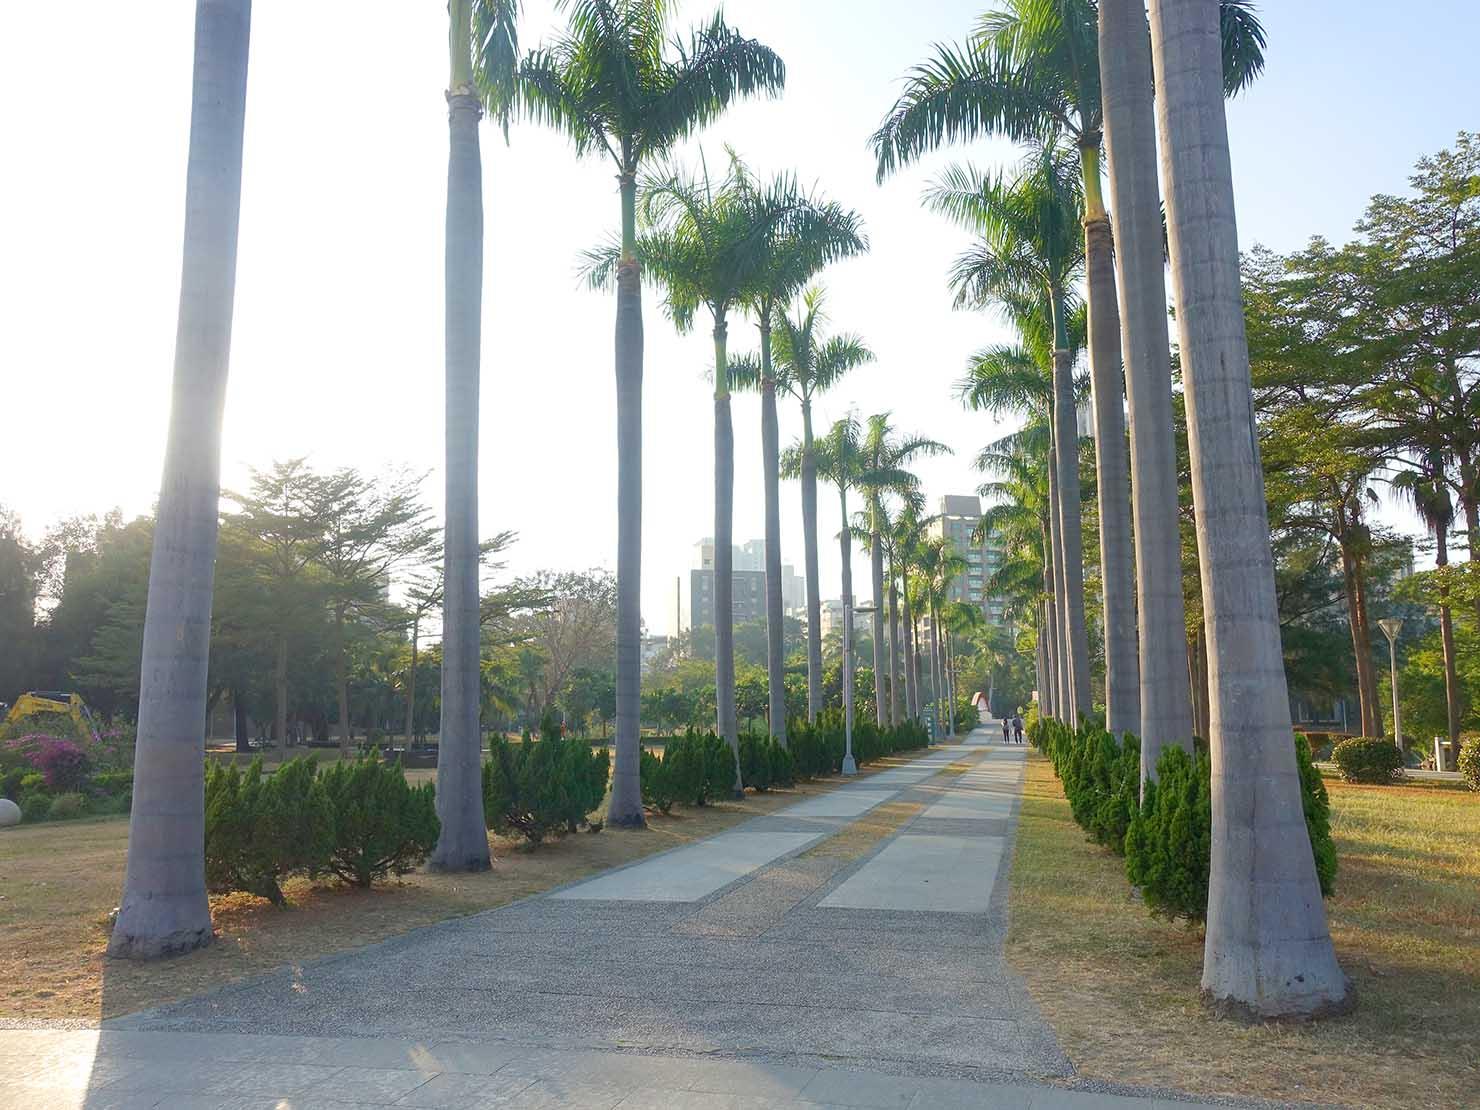 高雄・中央公園の椰子の木が伸びる道